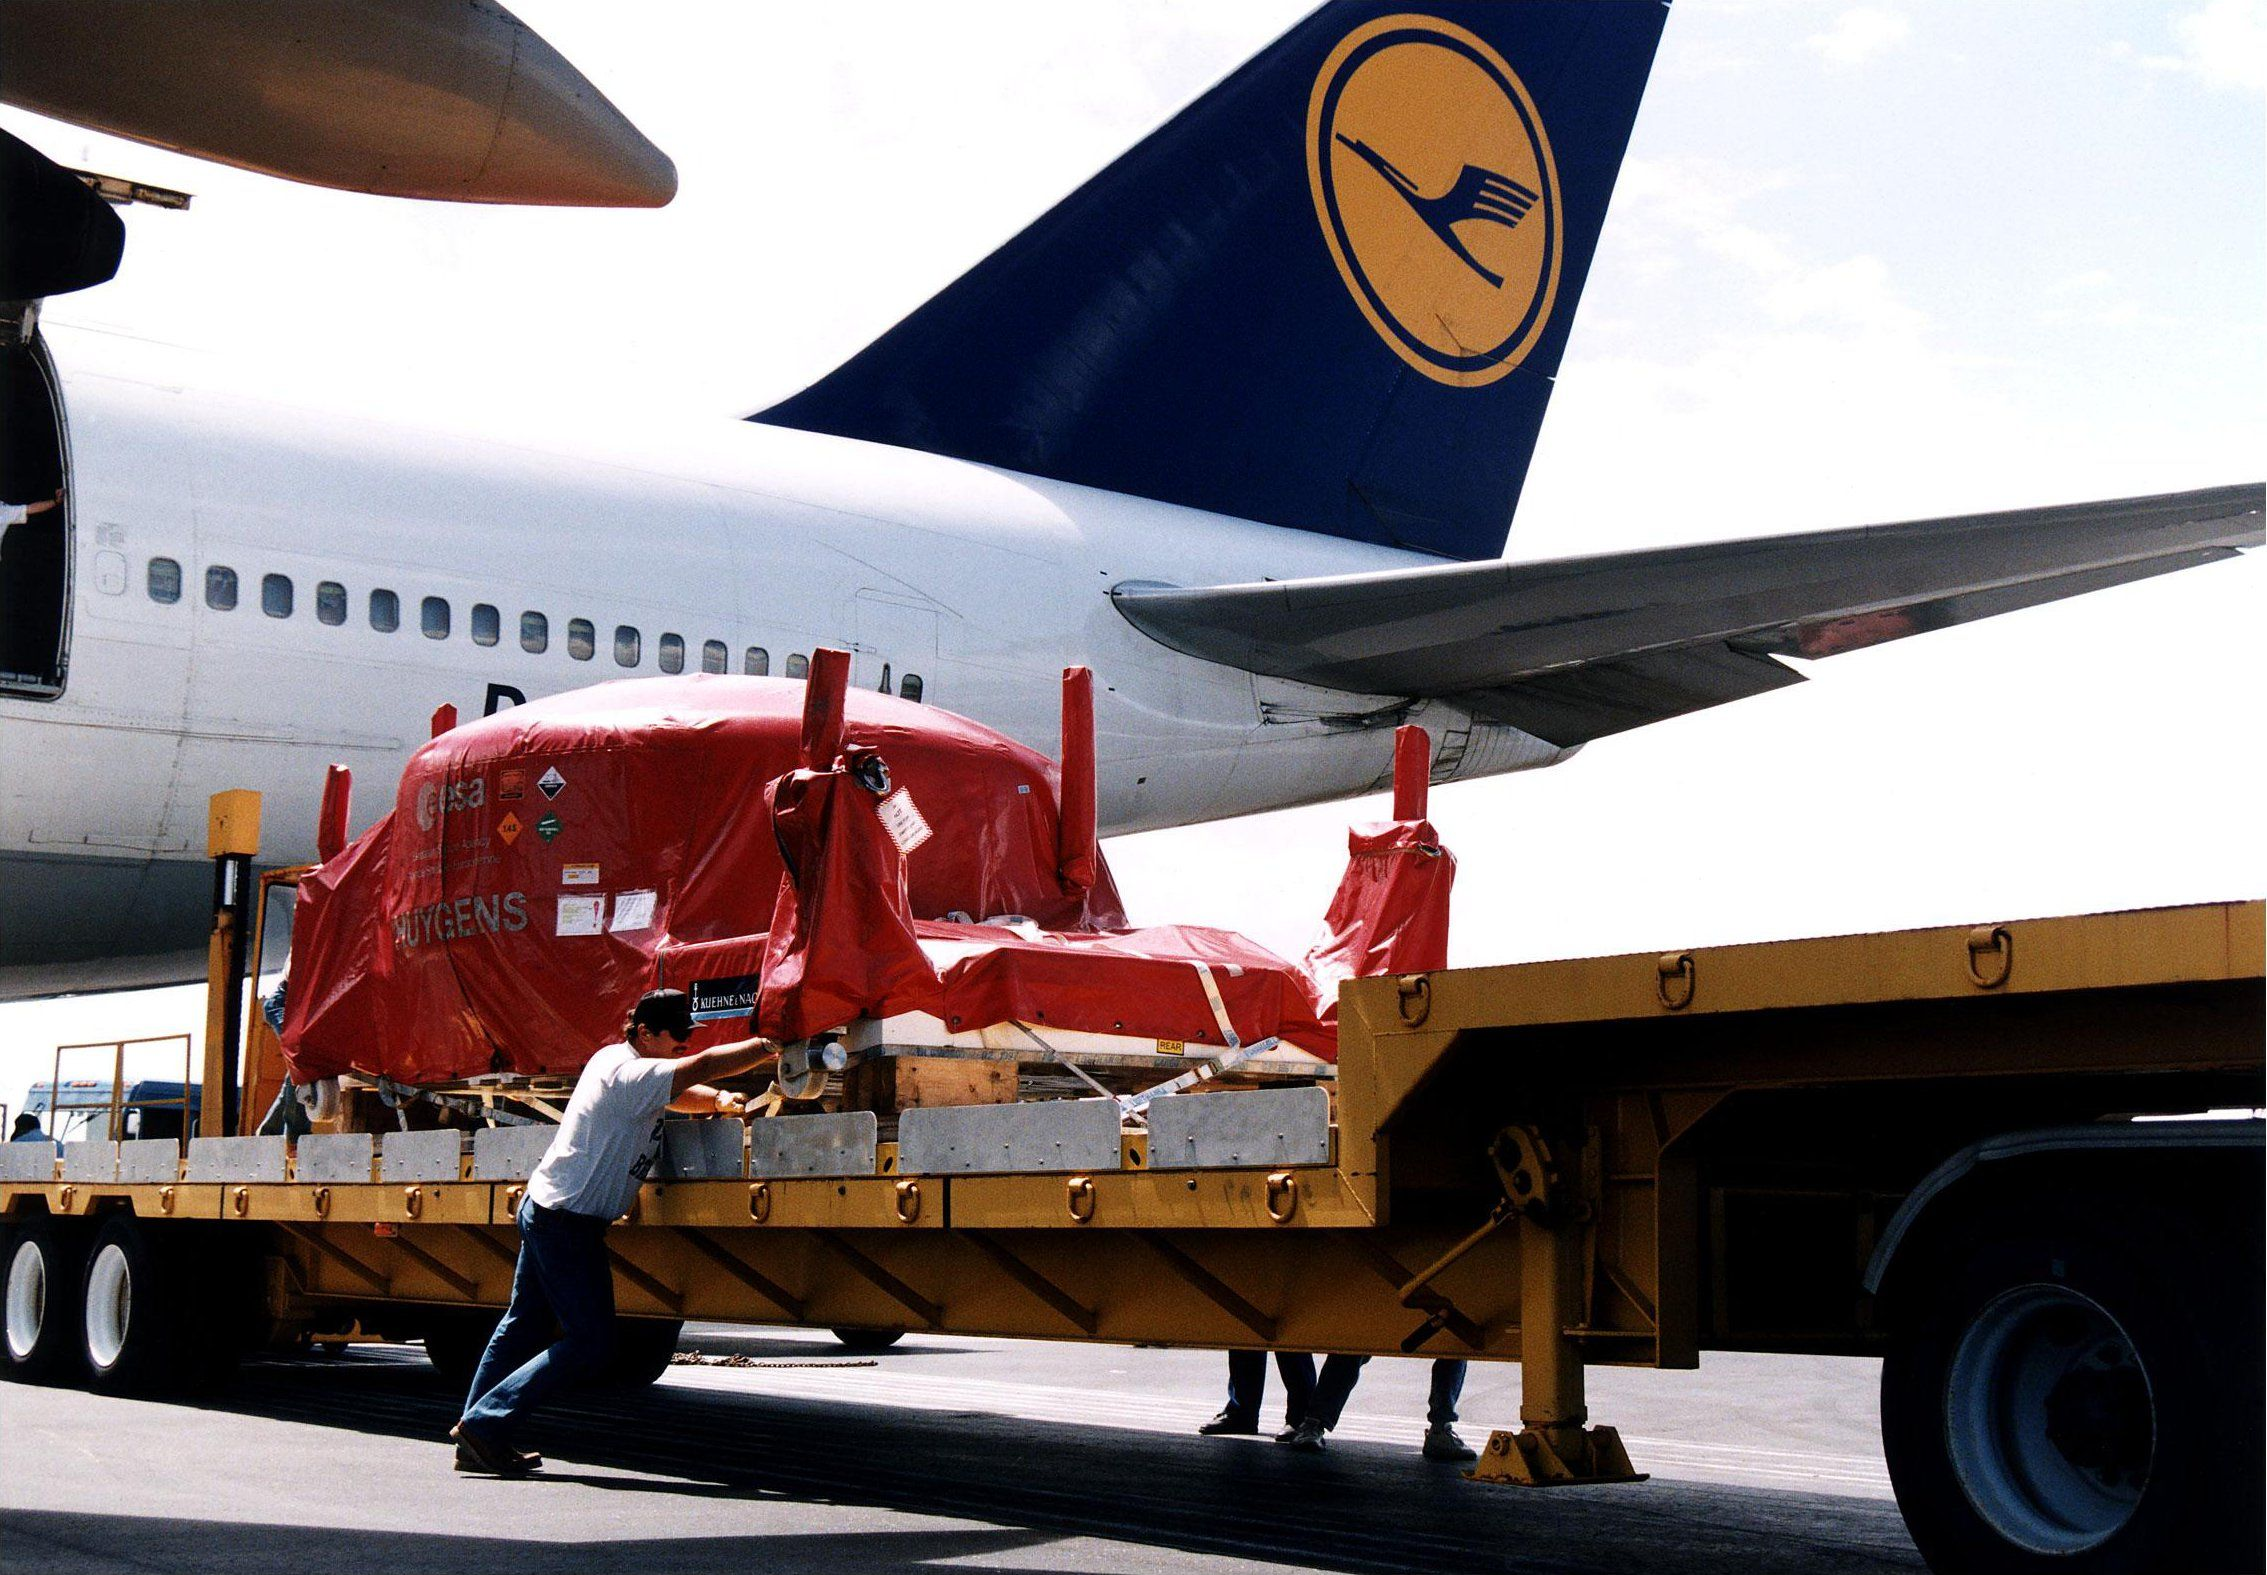 Lufthansa-Piloten streiken von Falk Werner · http://reisefm.de/luftfahrt/lufthansa-piloten-streiken/ · Die Lufthansa-Piloten werden streiken. Mehr als 95 Prozent voteten für einen Ausstand, teilte die Pilotengewerkschaft Cockpit mit.